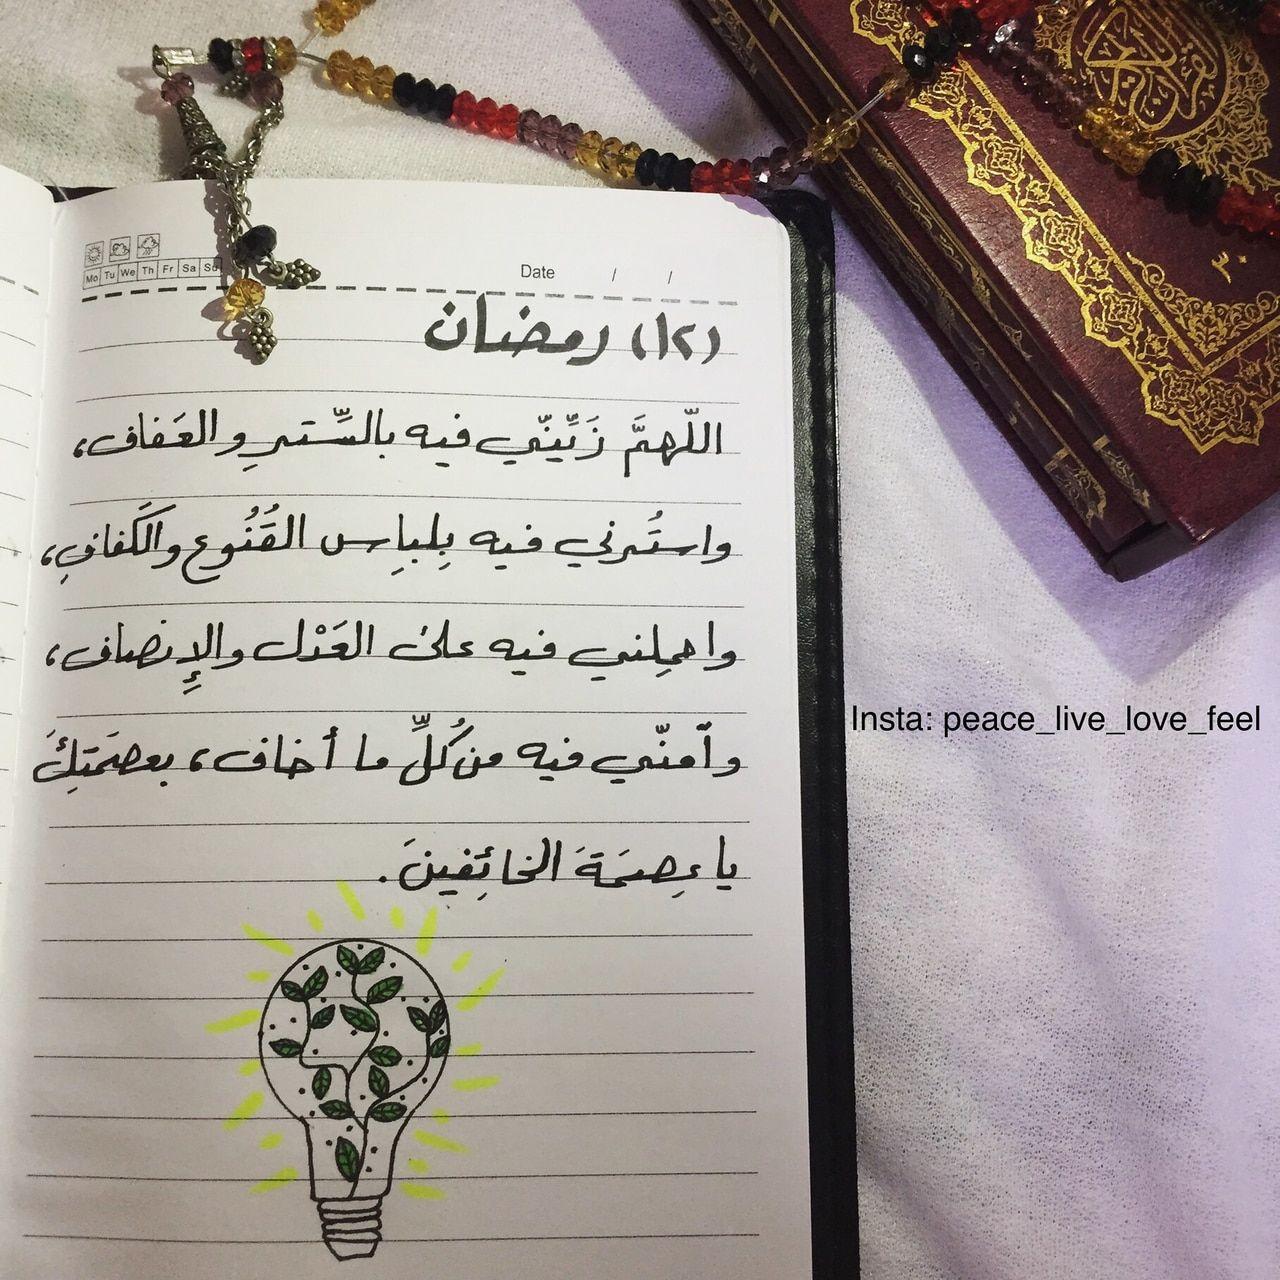 دعاء رمضان رسم رمضان رمزيات رمضان كريم دعاء اقتباس انستقرام عربي رمضانيات تصويري تصاميم تمبلر اسلام صور قرآن Ramadan Mood Songs Ramadan Gifts